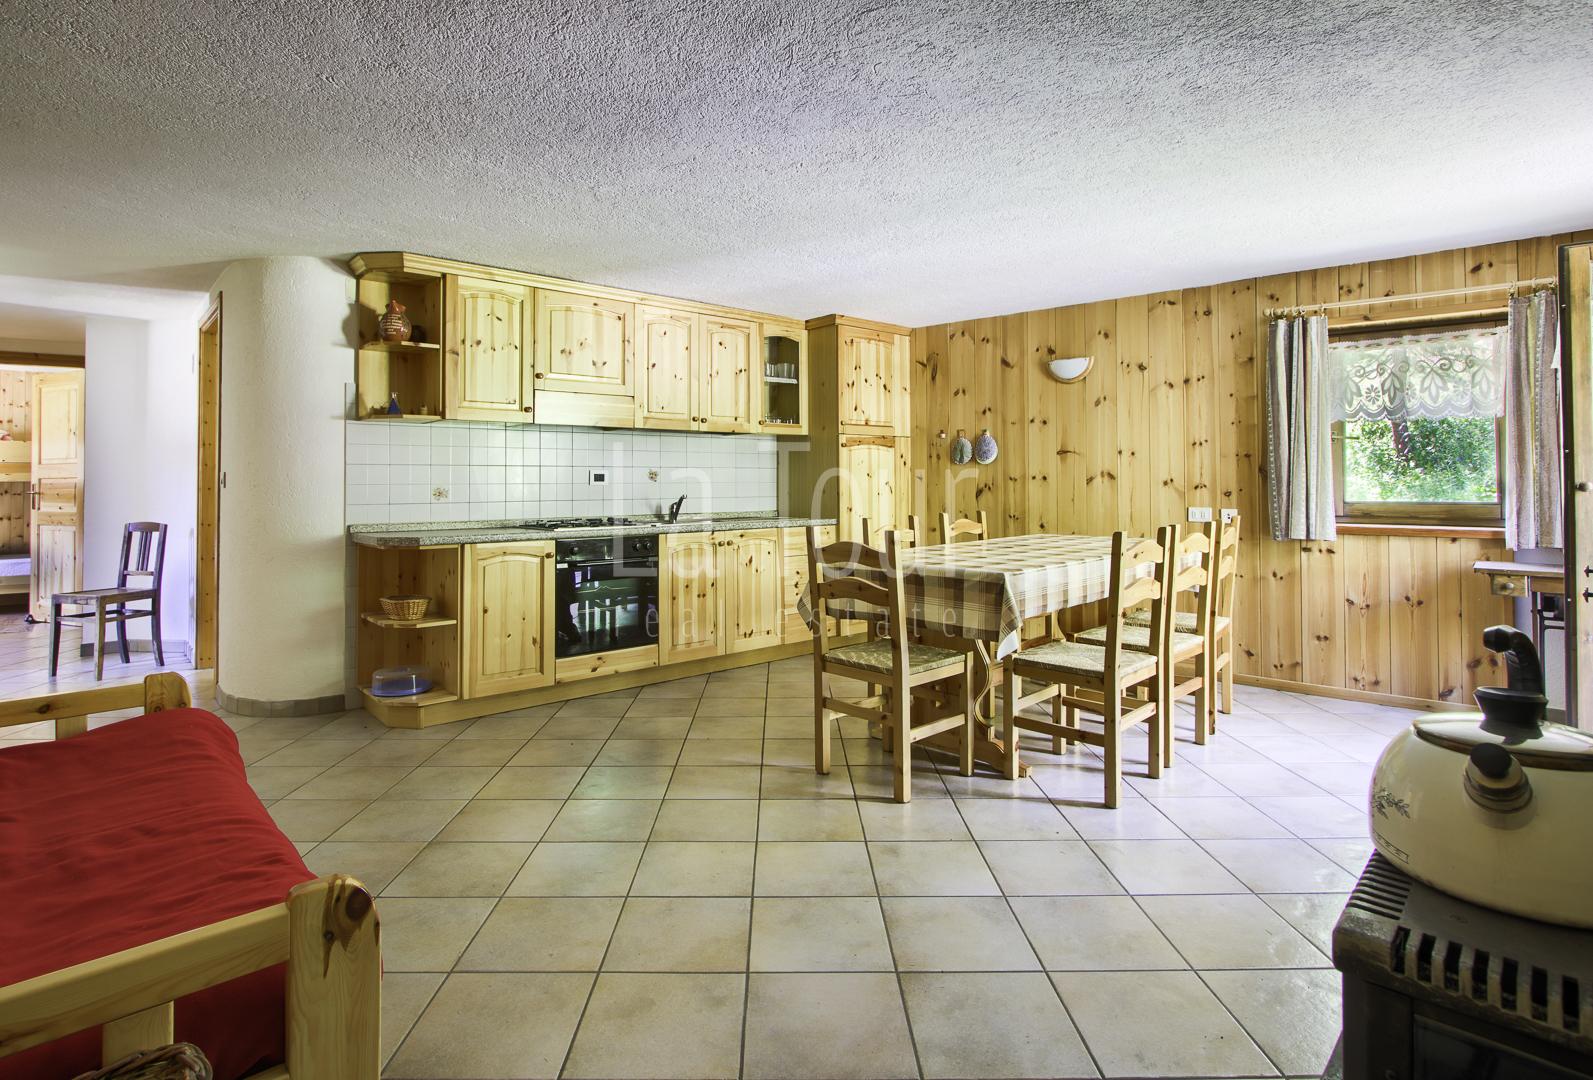 la cucina sullo sfondo